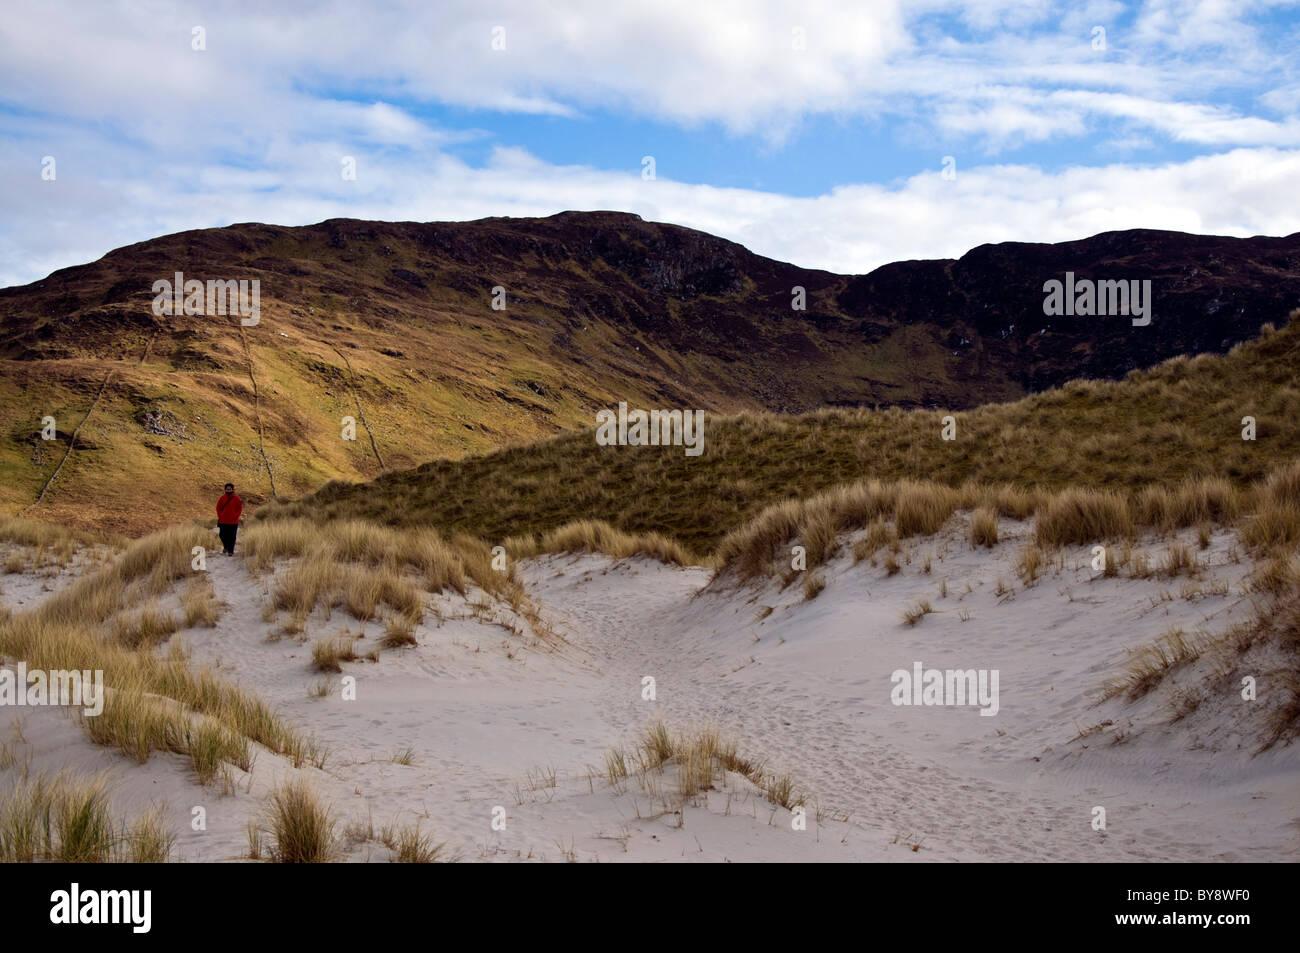 Donna cammina da sola sulle dune di sabbia sull Oceano Atlantico coast Immagini Stock